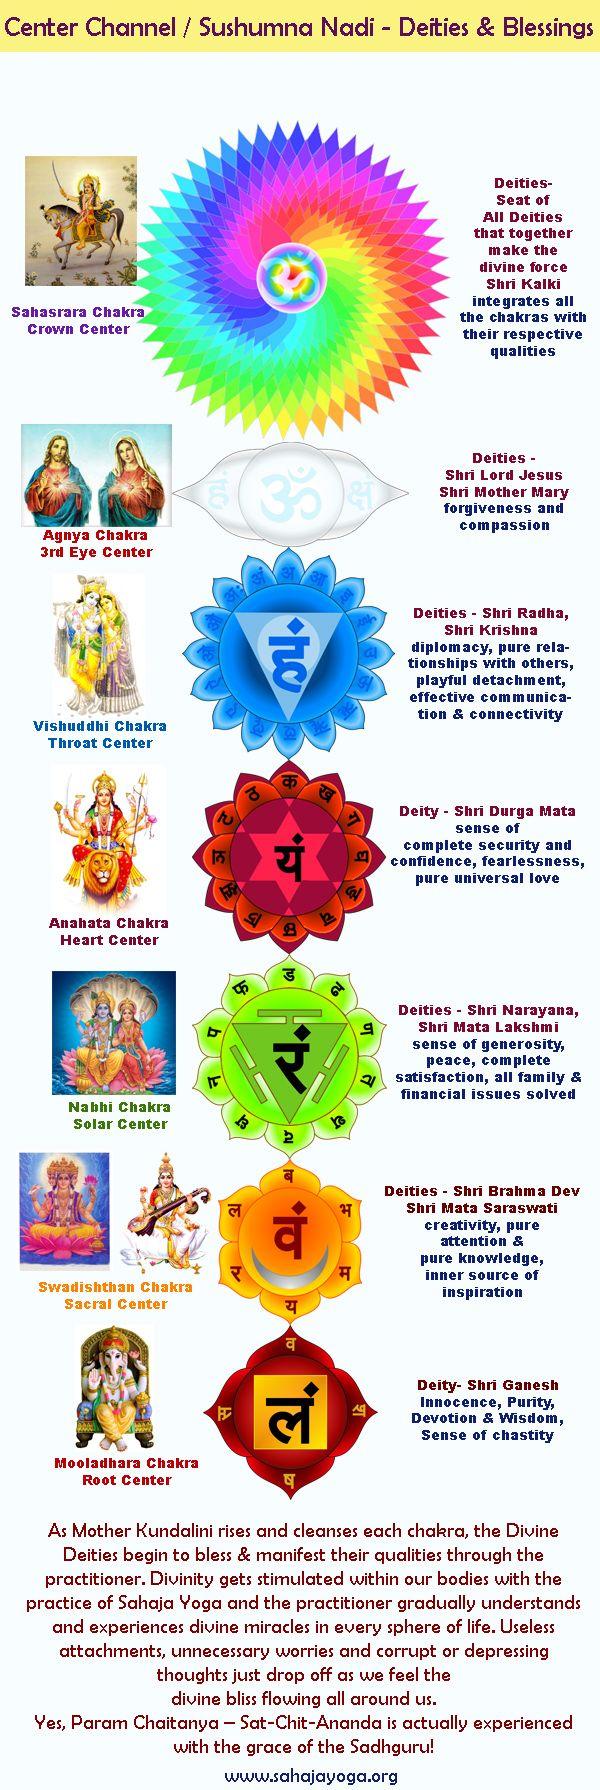 WHat happens when the kundalini shakti rises?